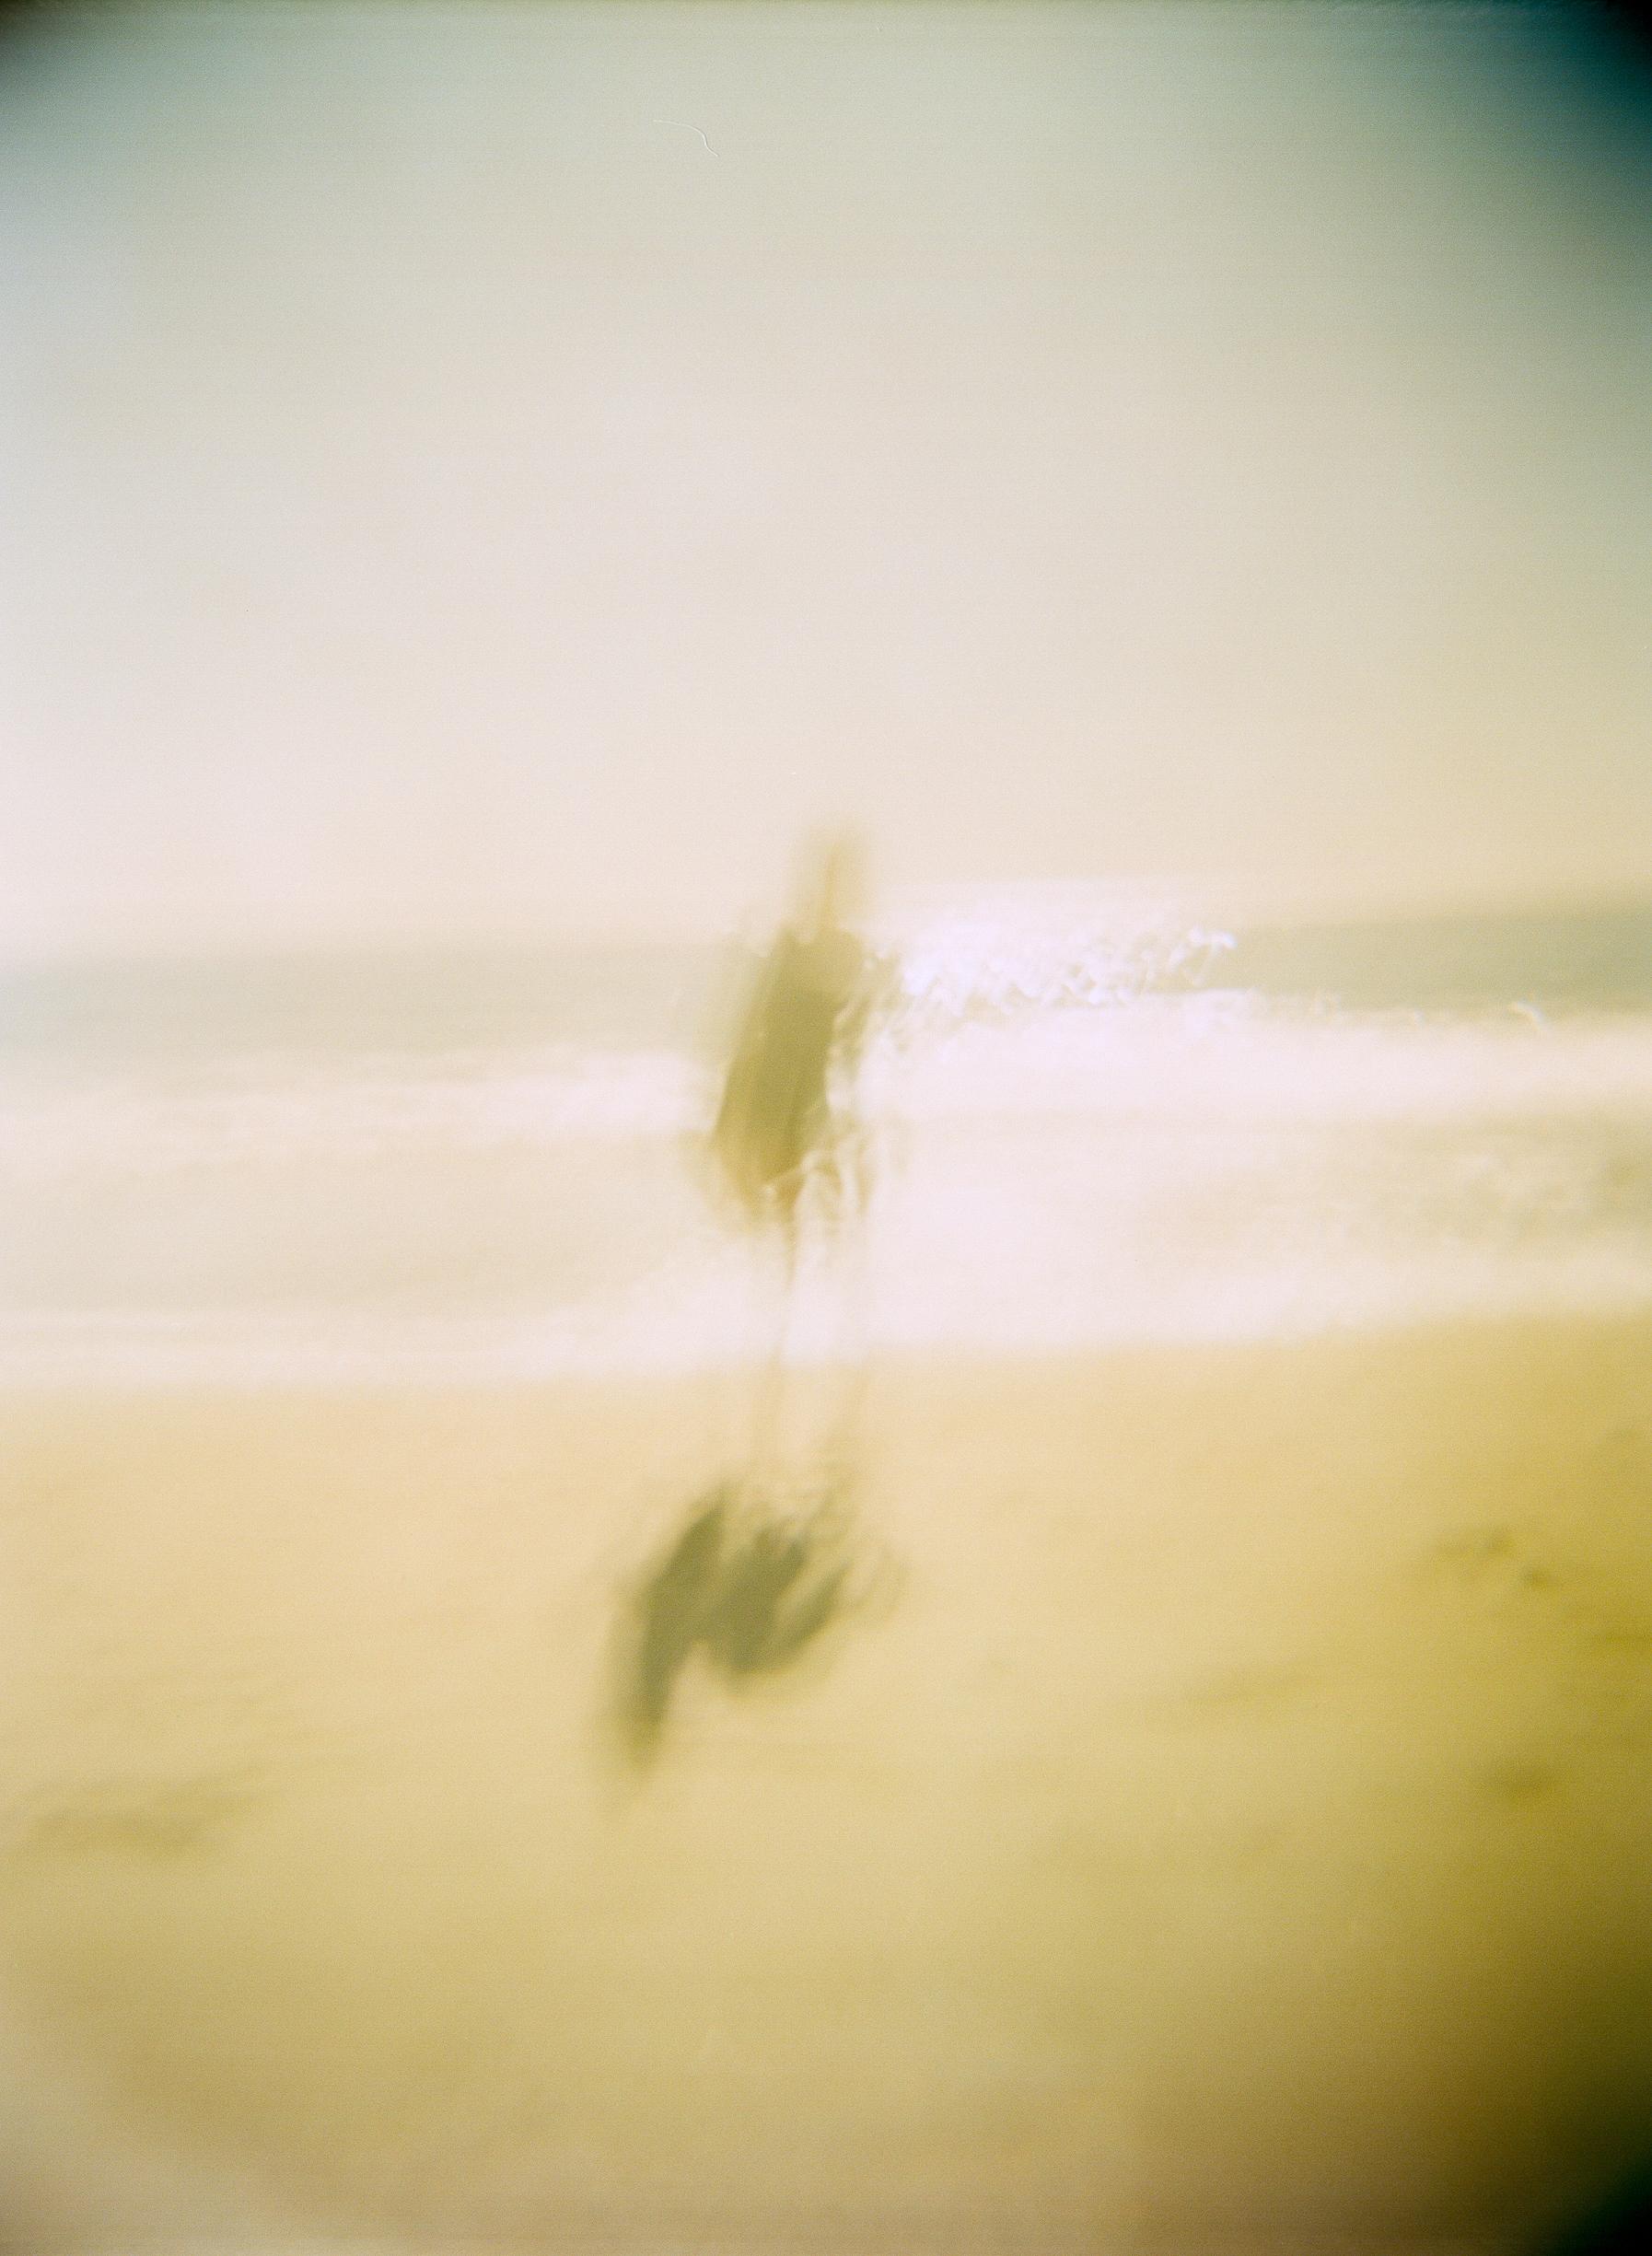 Cathlin McCullough surf lifestyle-33.jpg